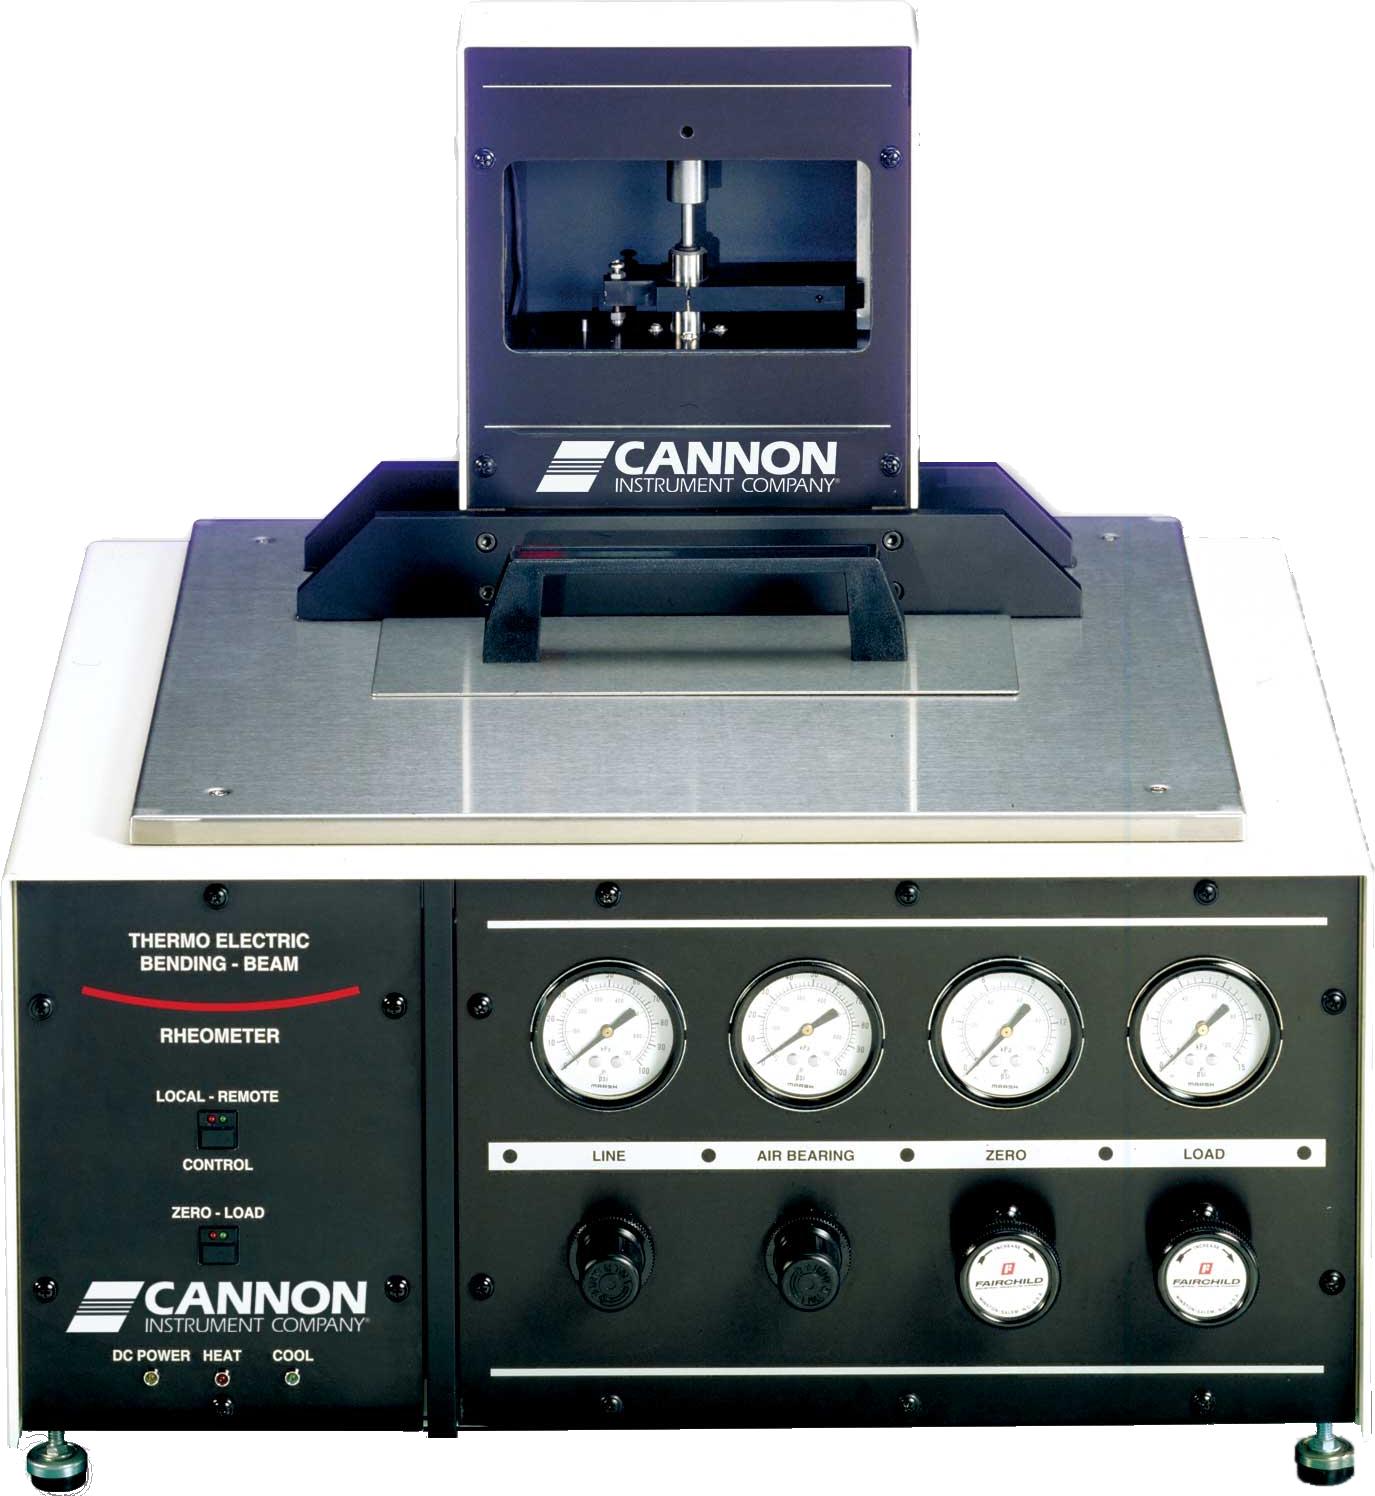 Cannon instrument company company profile supplier for Cannon instrument company